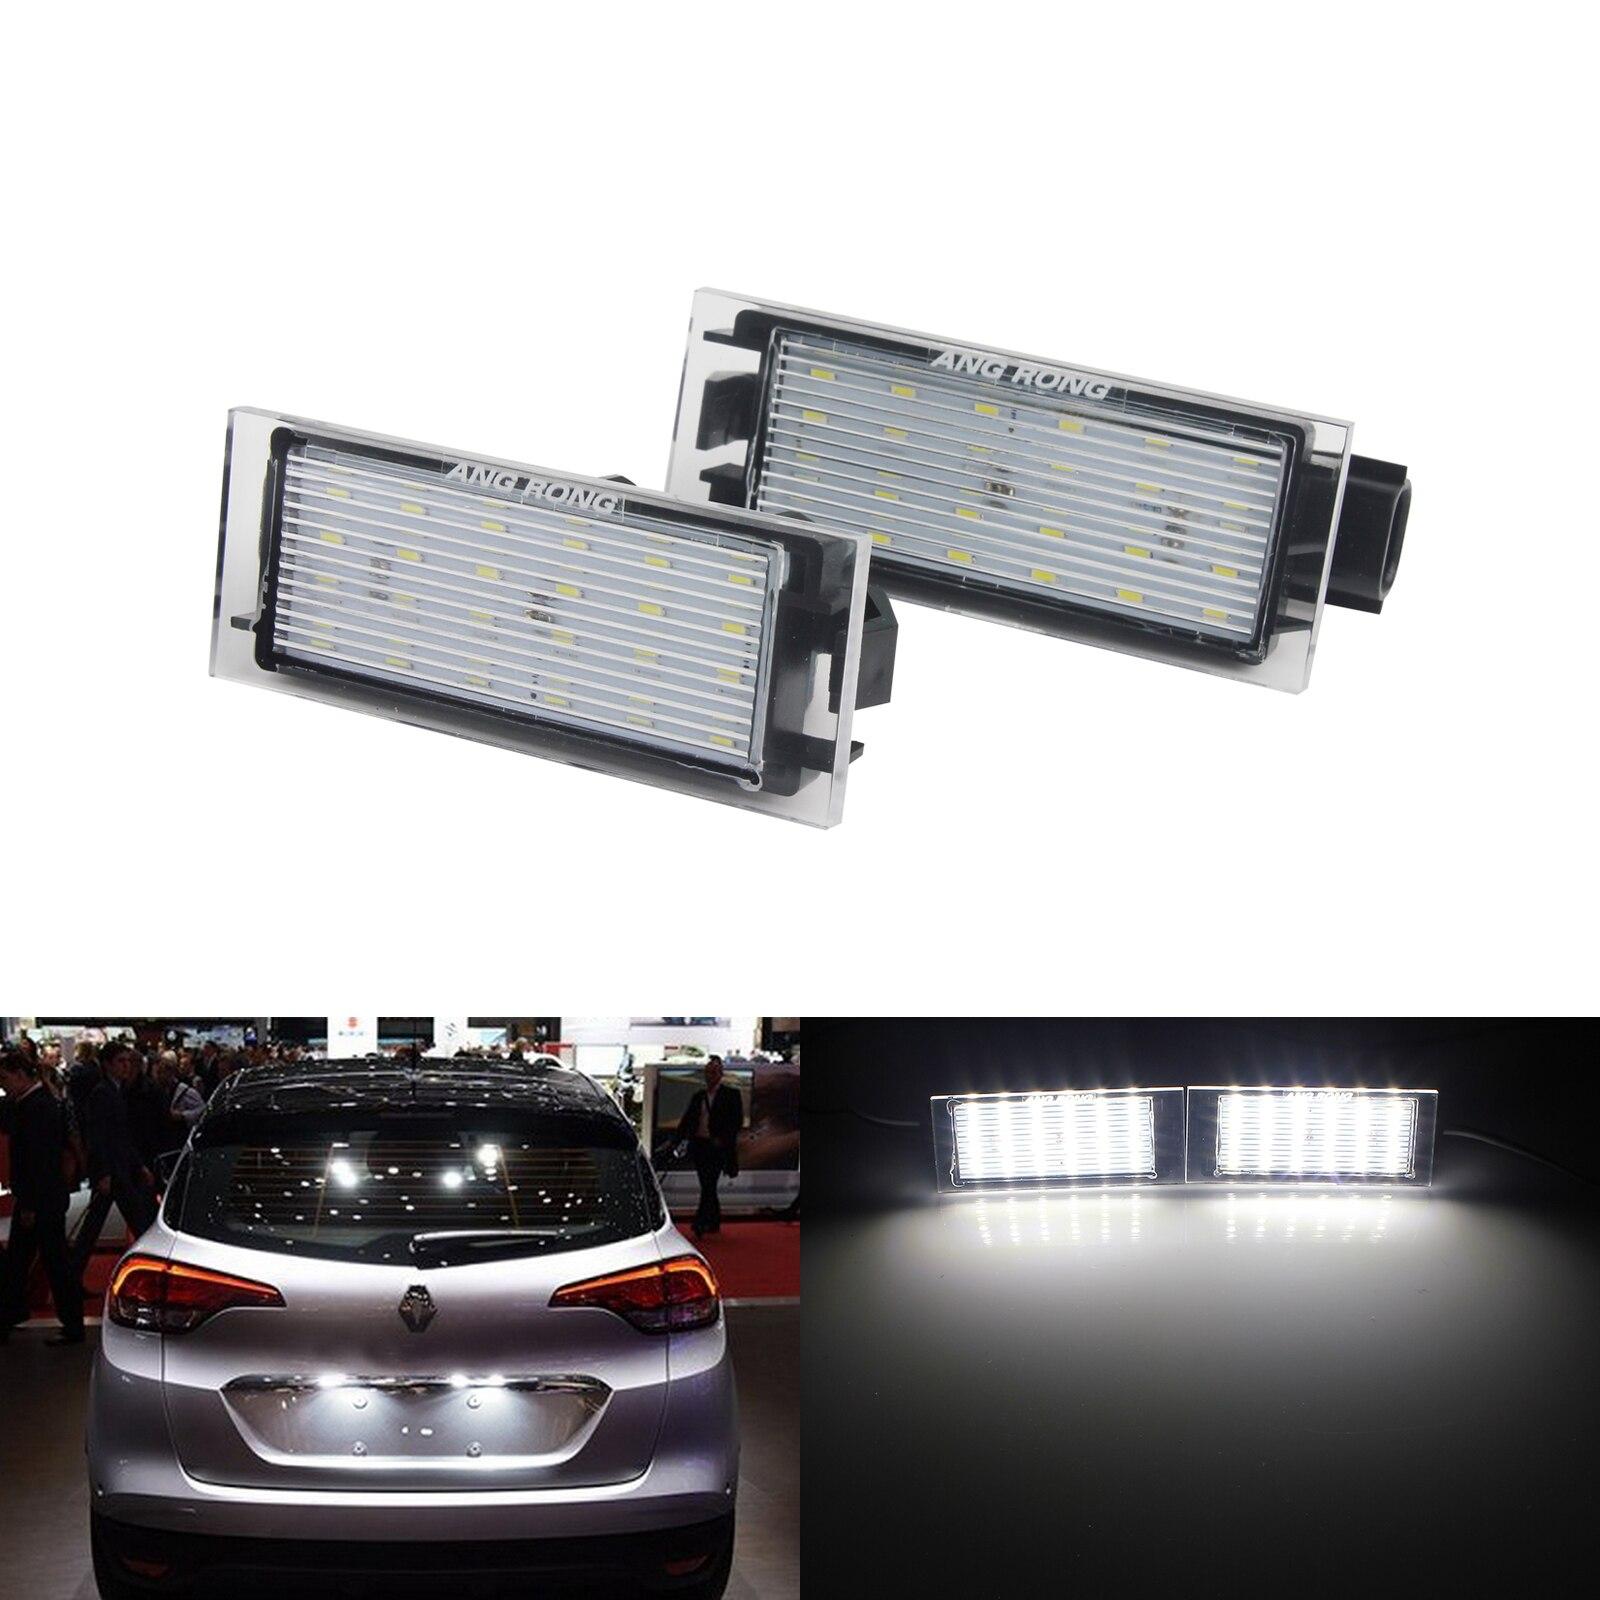 Renault Megane MK2 501 W5W White Interior Door Bulb LED High Power Light Upgrade